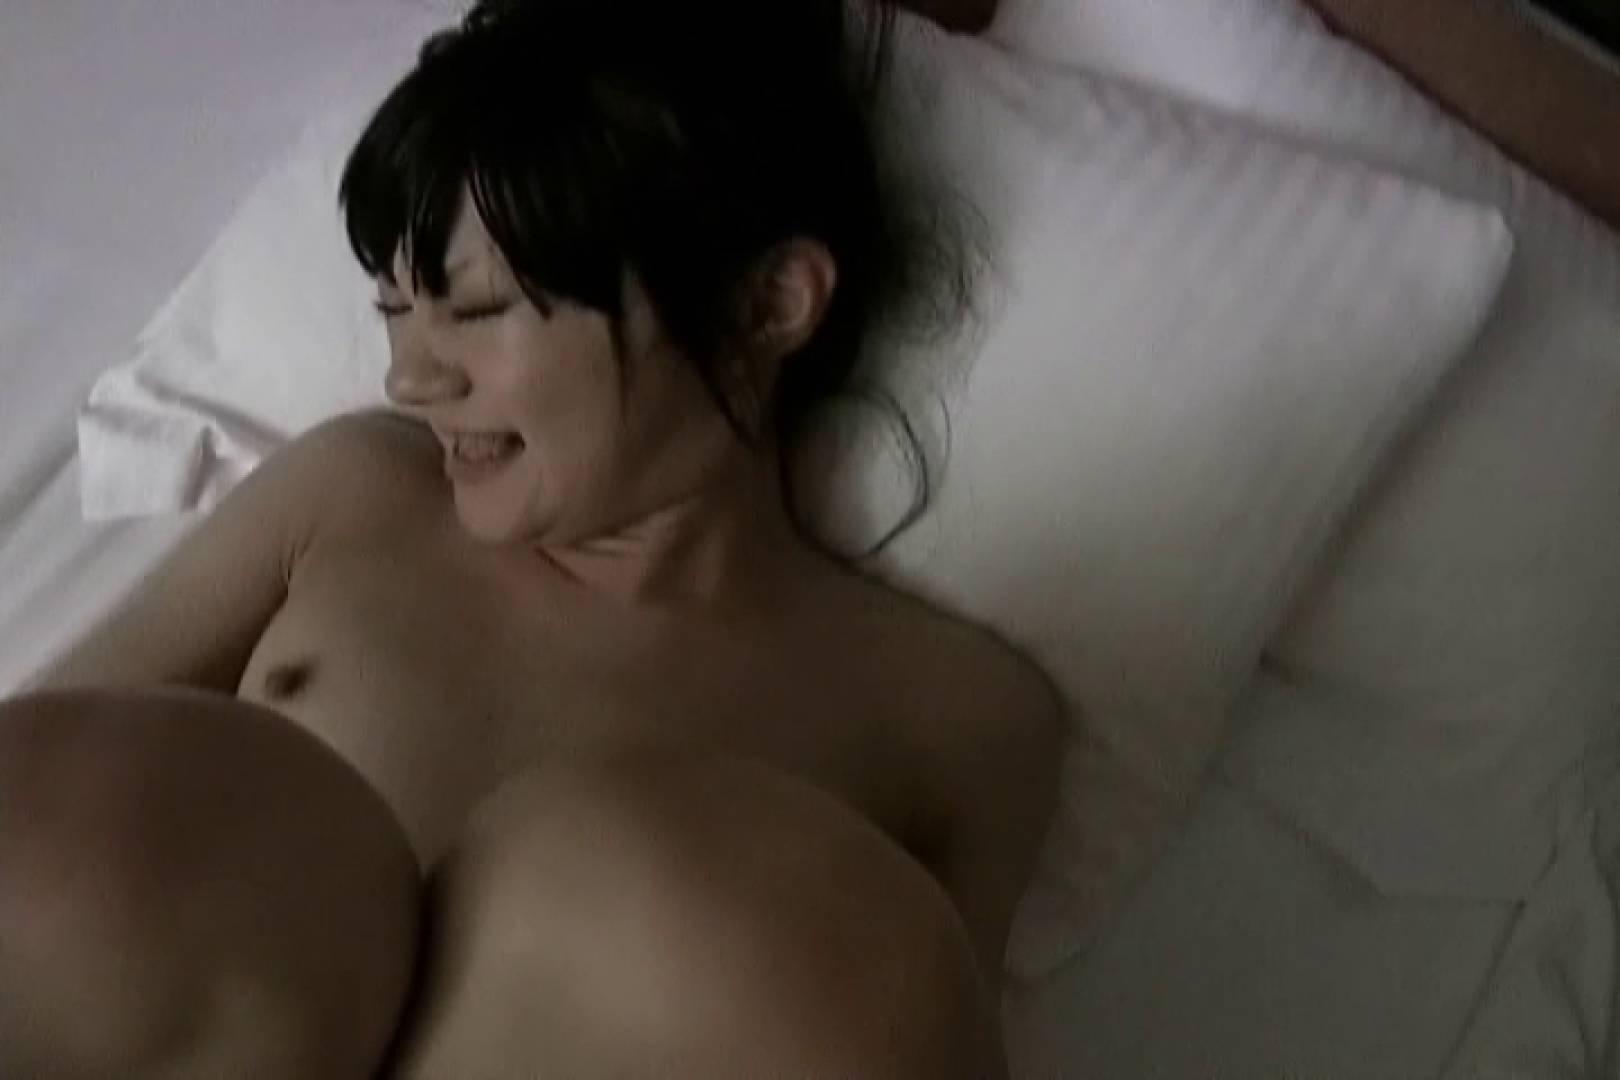 素人ナンパ本番撮り!出会い系でGET!Vol.11 ナンパ 性交動画流出 97連発 35